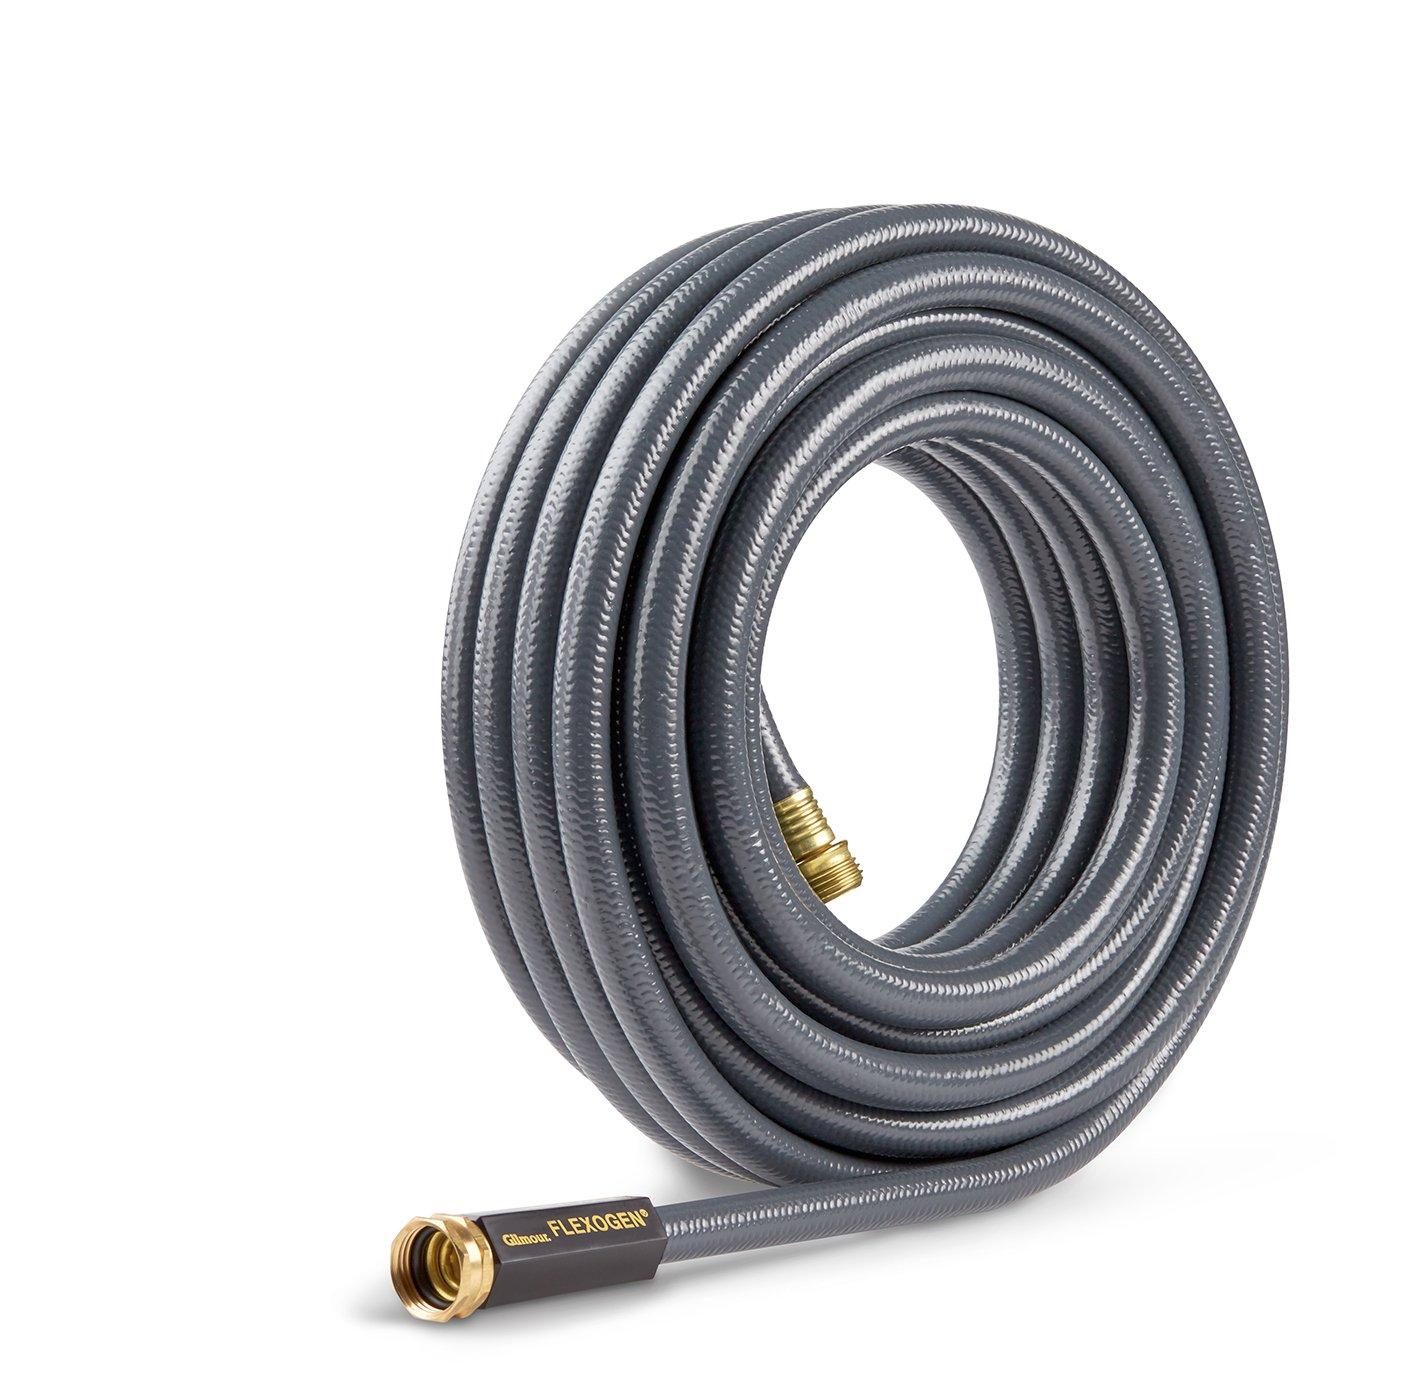 Gilmour Flexogen Premium Garden Hose 1/2inx25ft